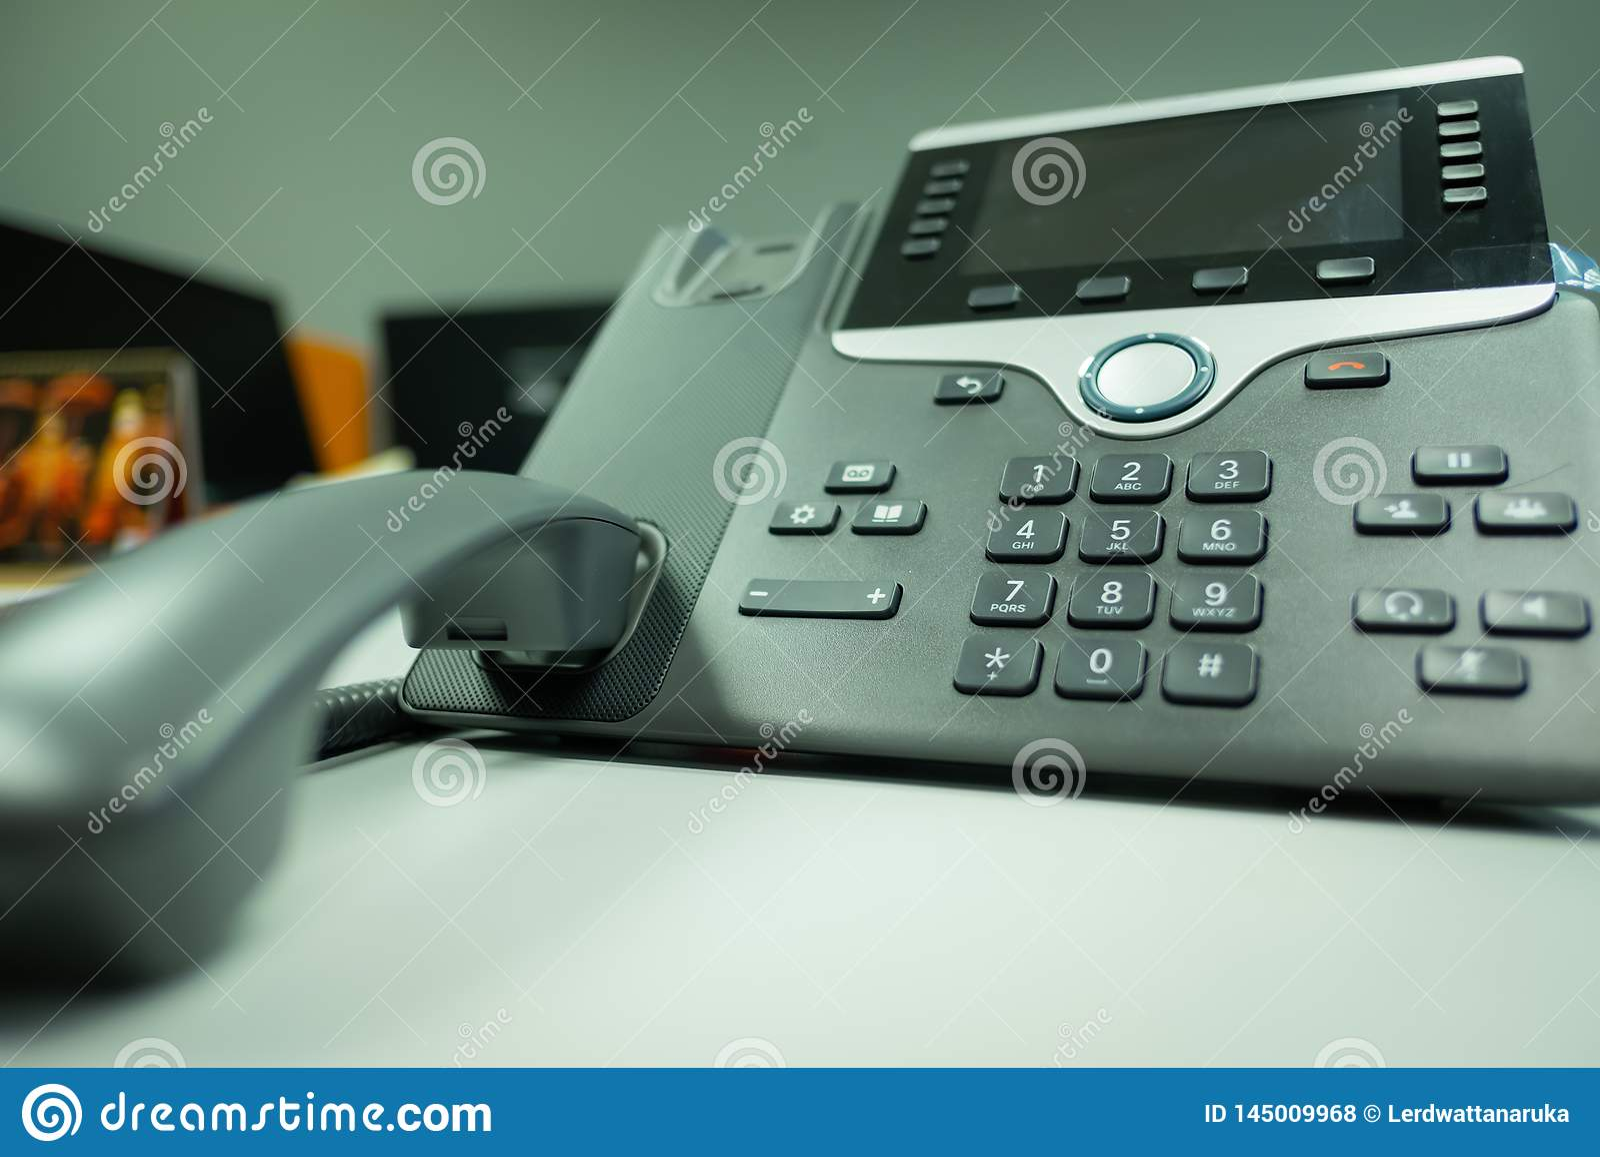 Ip van het close-uptoetsenbord telefoondeveice op bureau